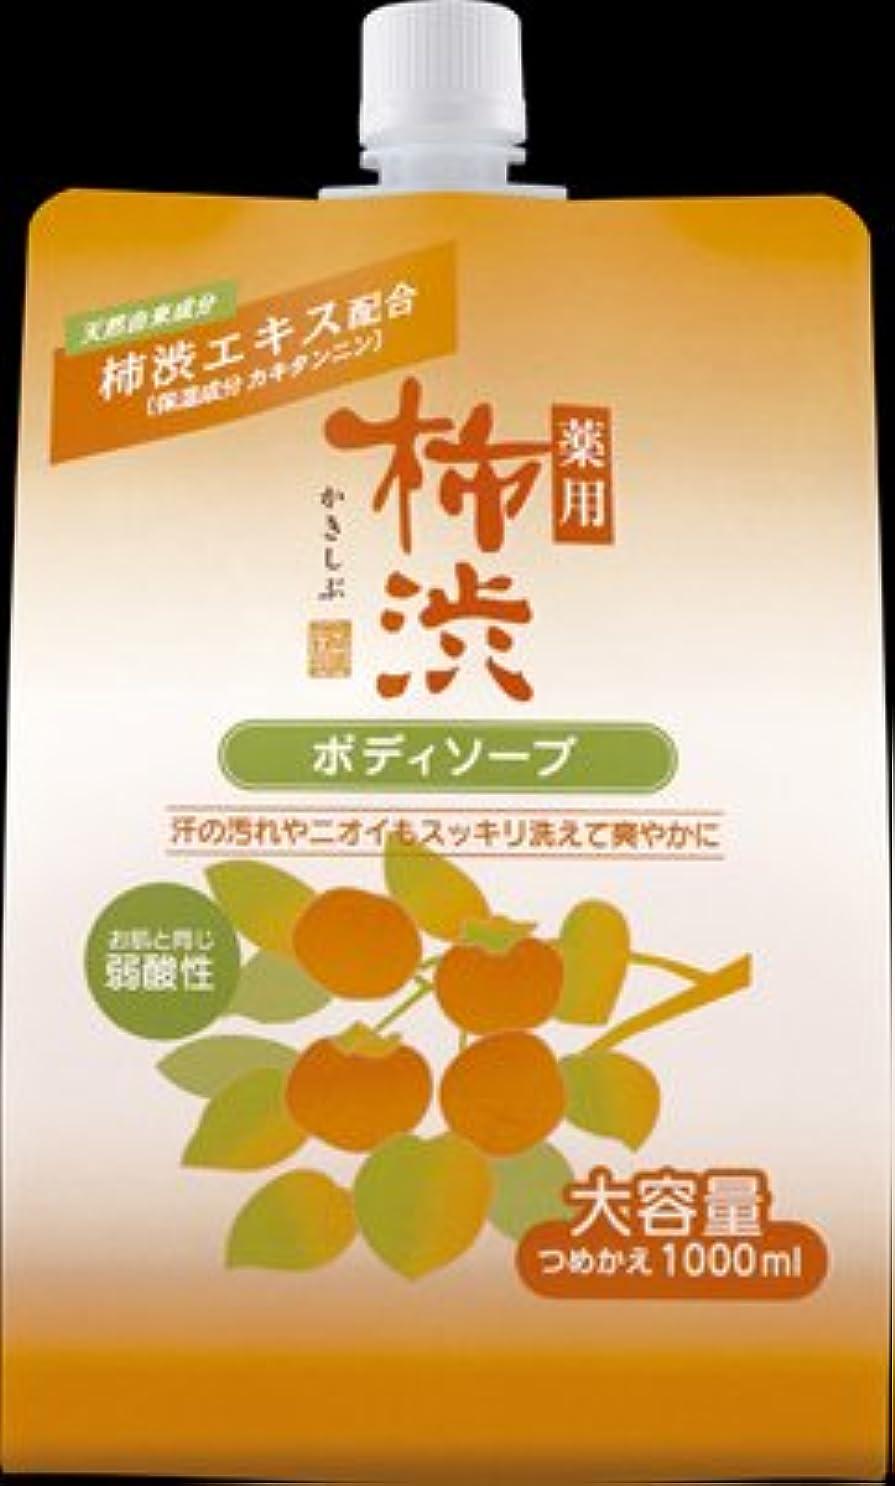 形状フォルダサンプル熊野油脂 薬用柿渋ボディソープ 1000ML つめかえ用×10点セット